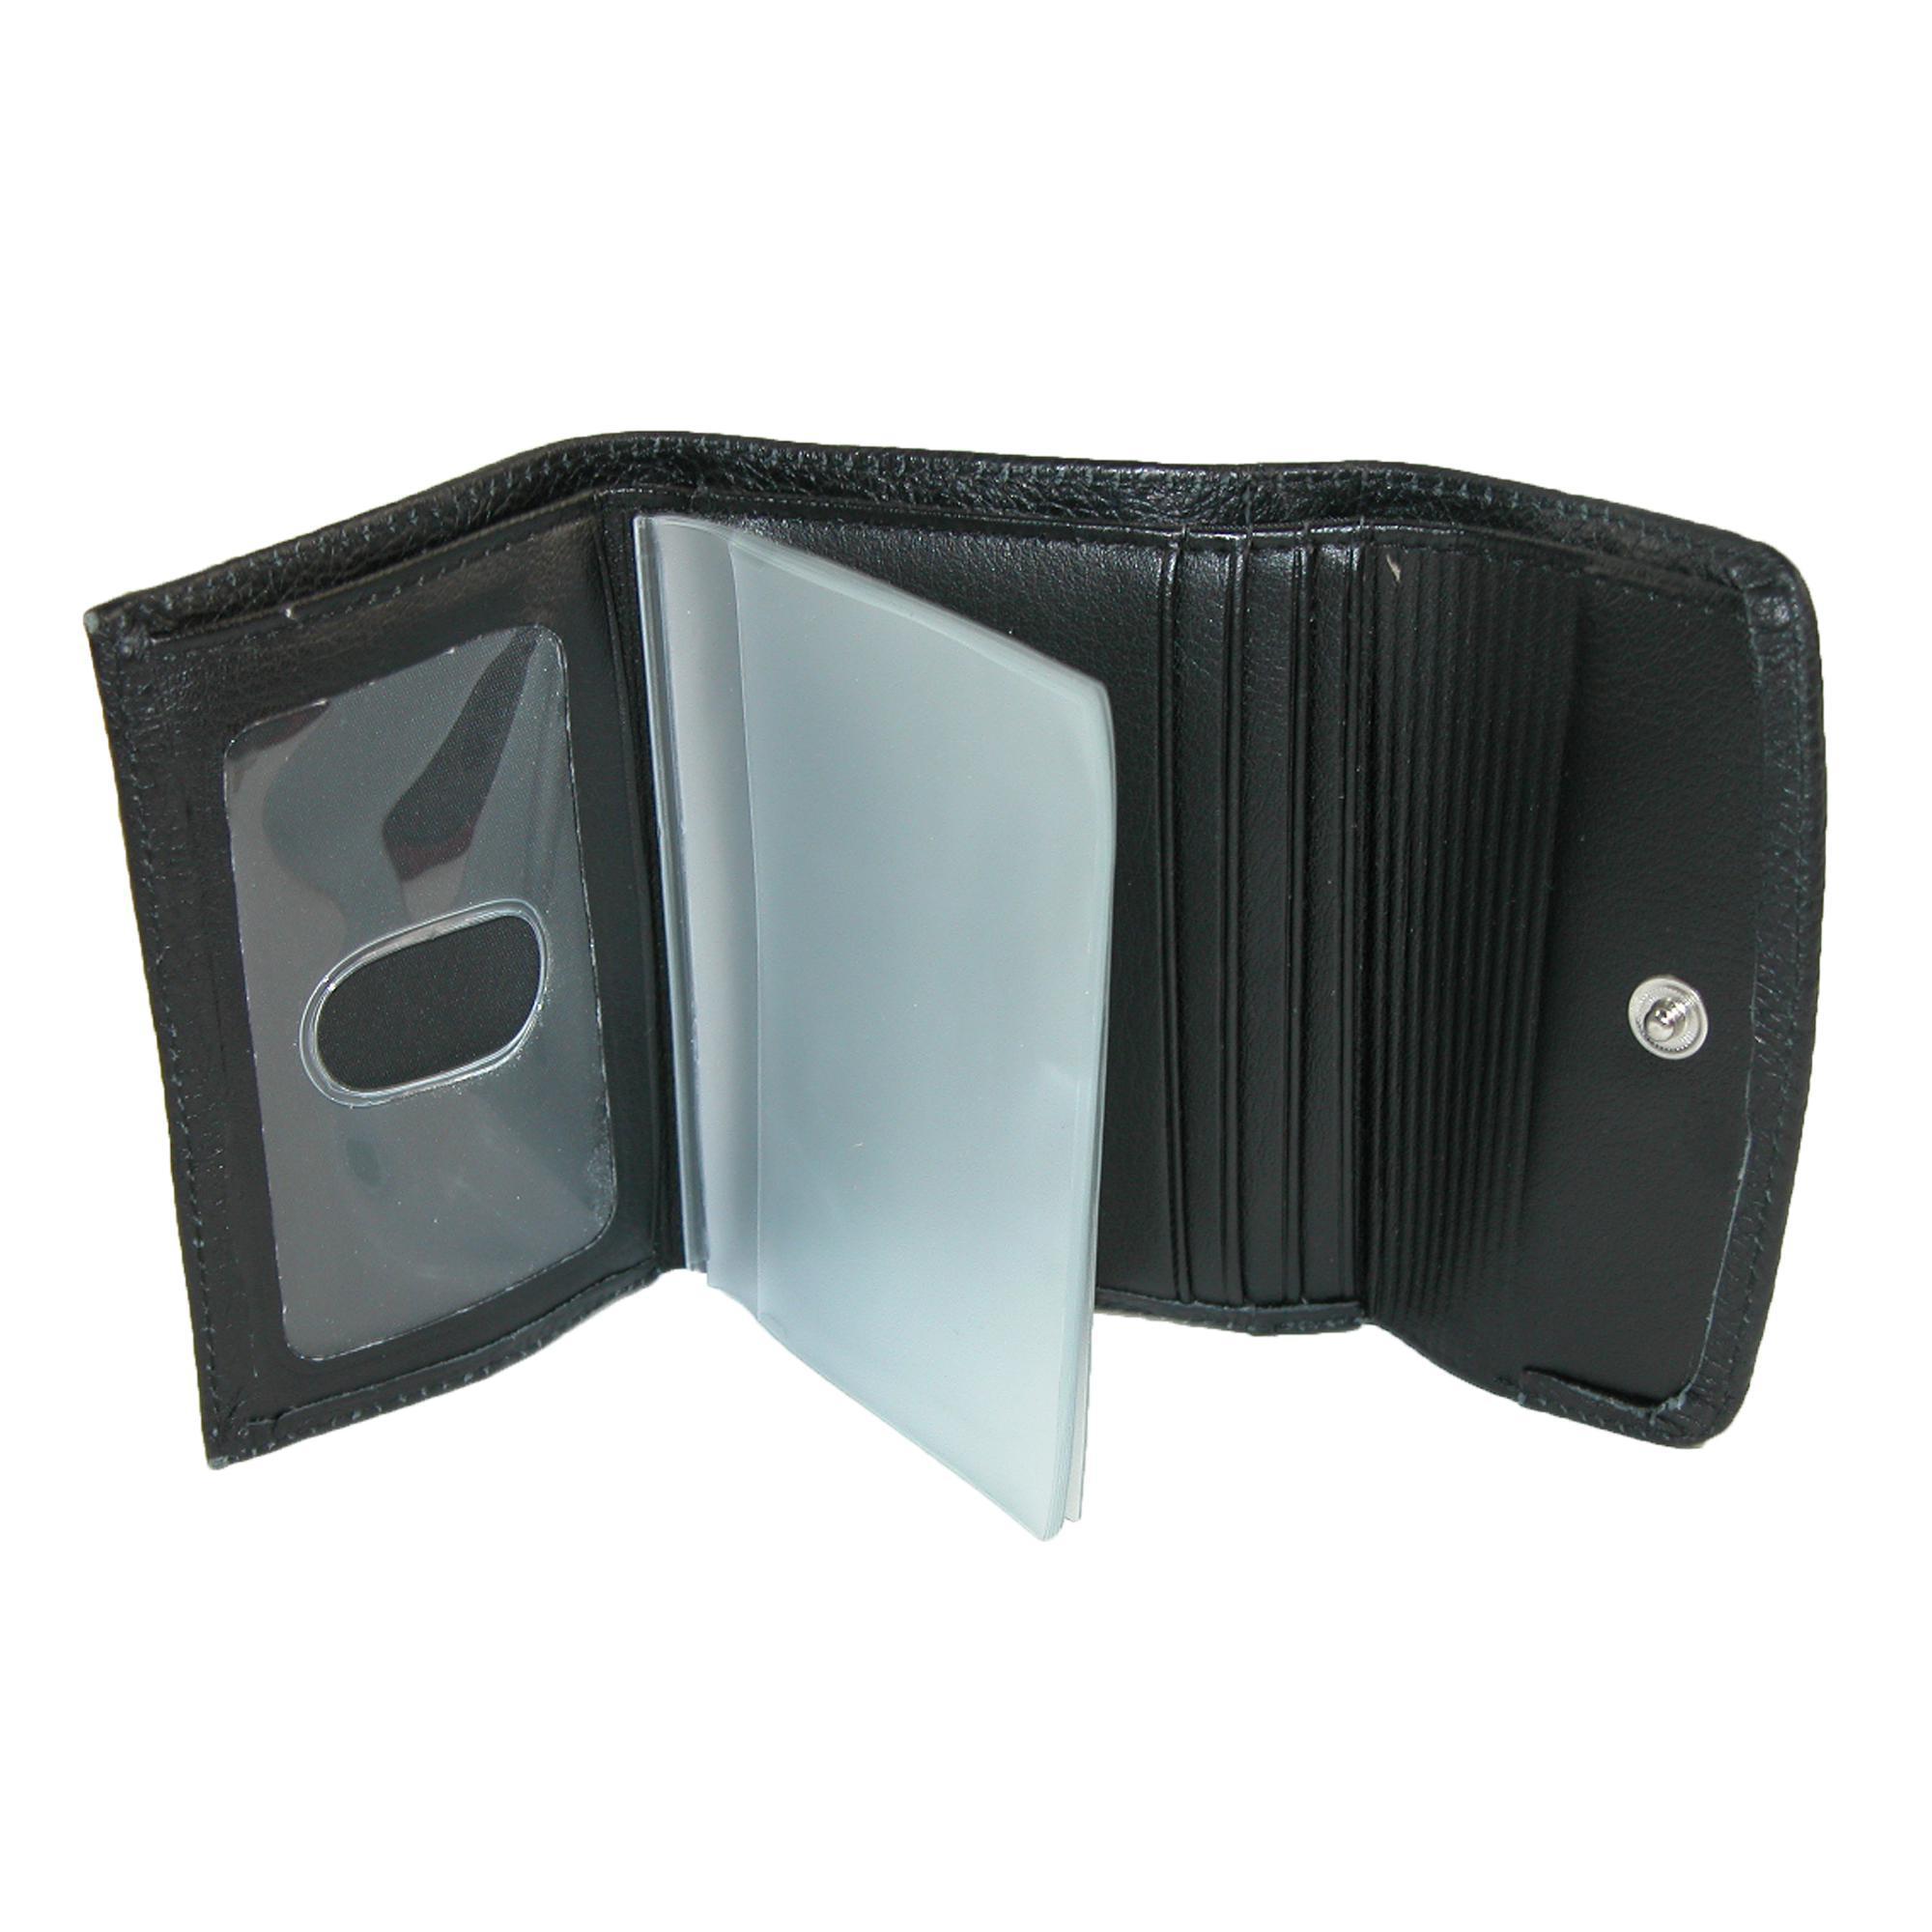 New-Buxton-Women-039-s-Leather-Mini-Tri-Fold-Wallet thumbnail 3